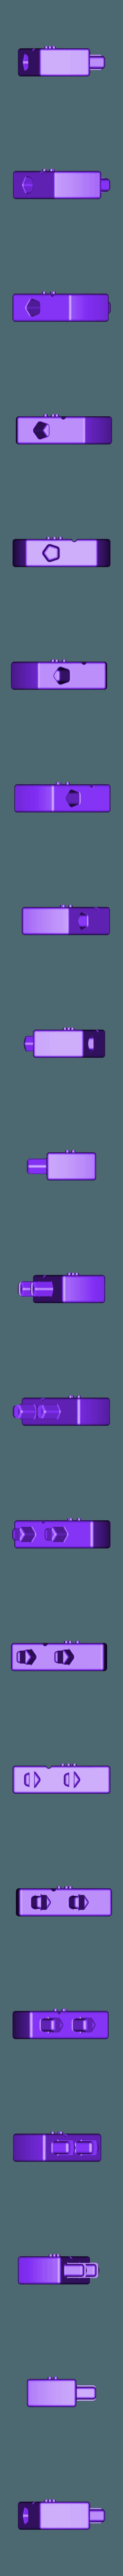 O.stl Download free STL file Rocket Fittle Puzzle • 3D printer design, Fittle